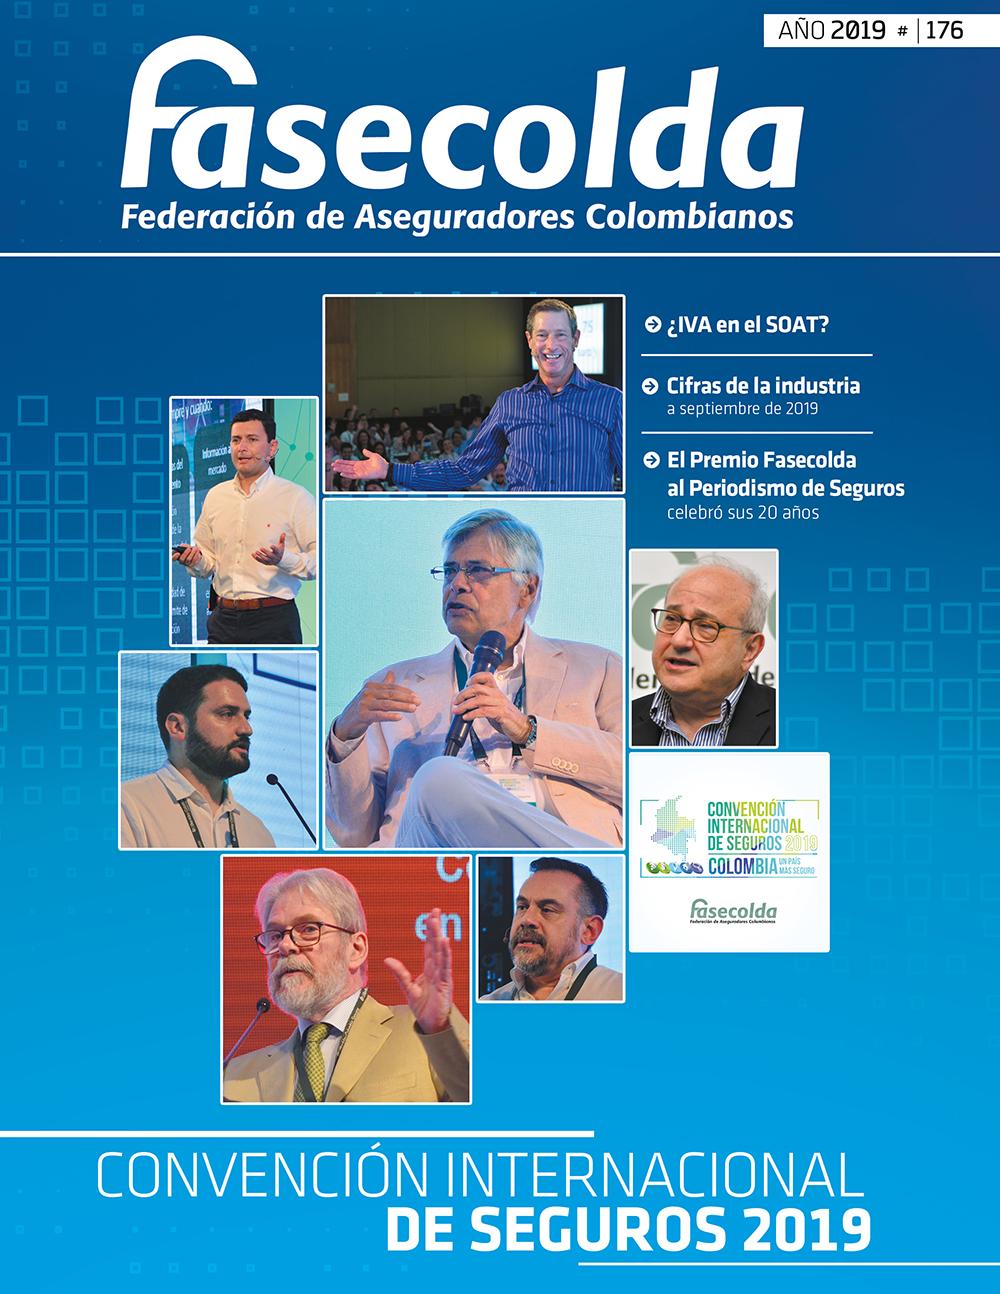 Fasecolda Federación de Aseguradores Colombianos Número 176 año 2019. Convención internacional de seguros 2019